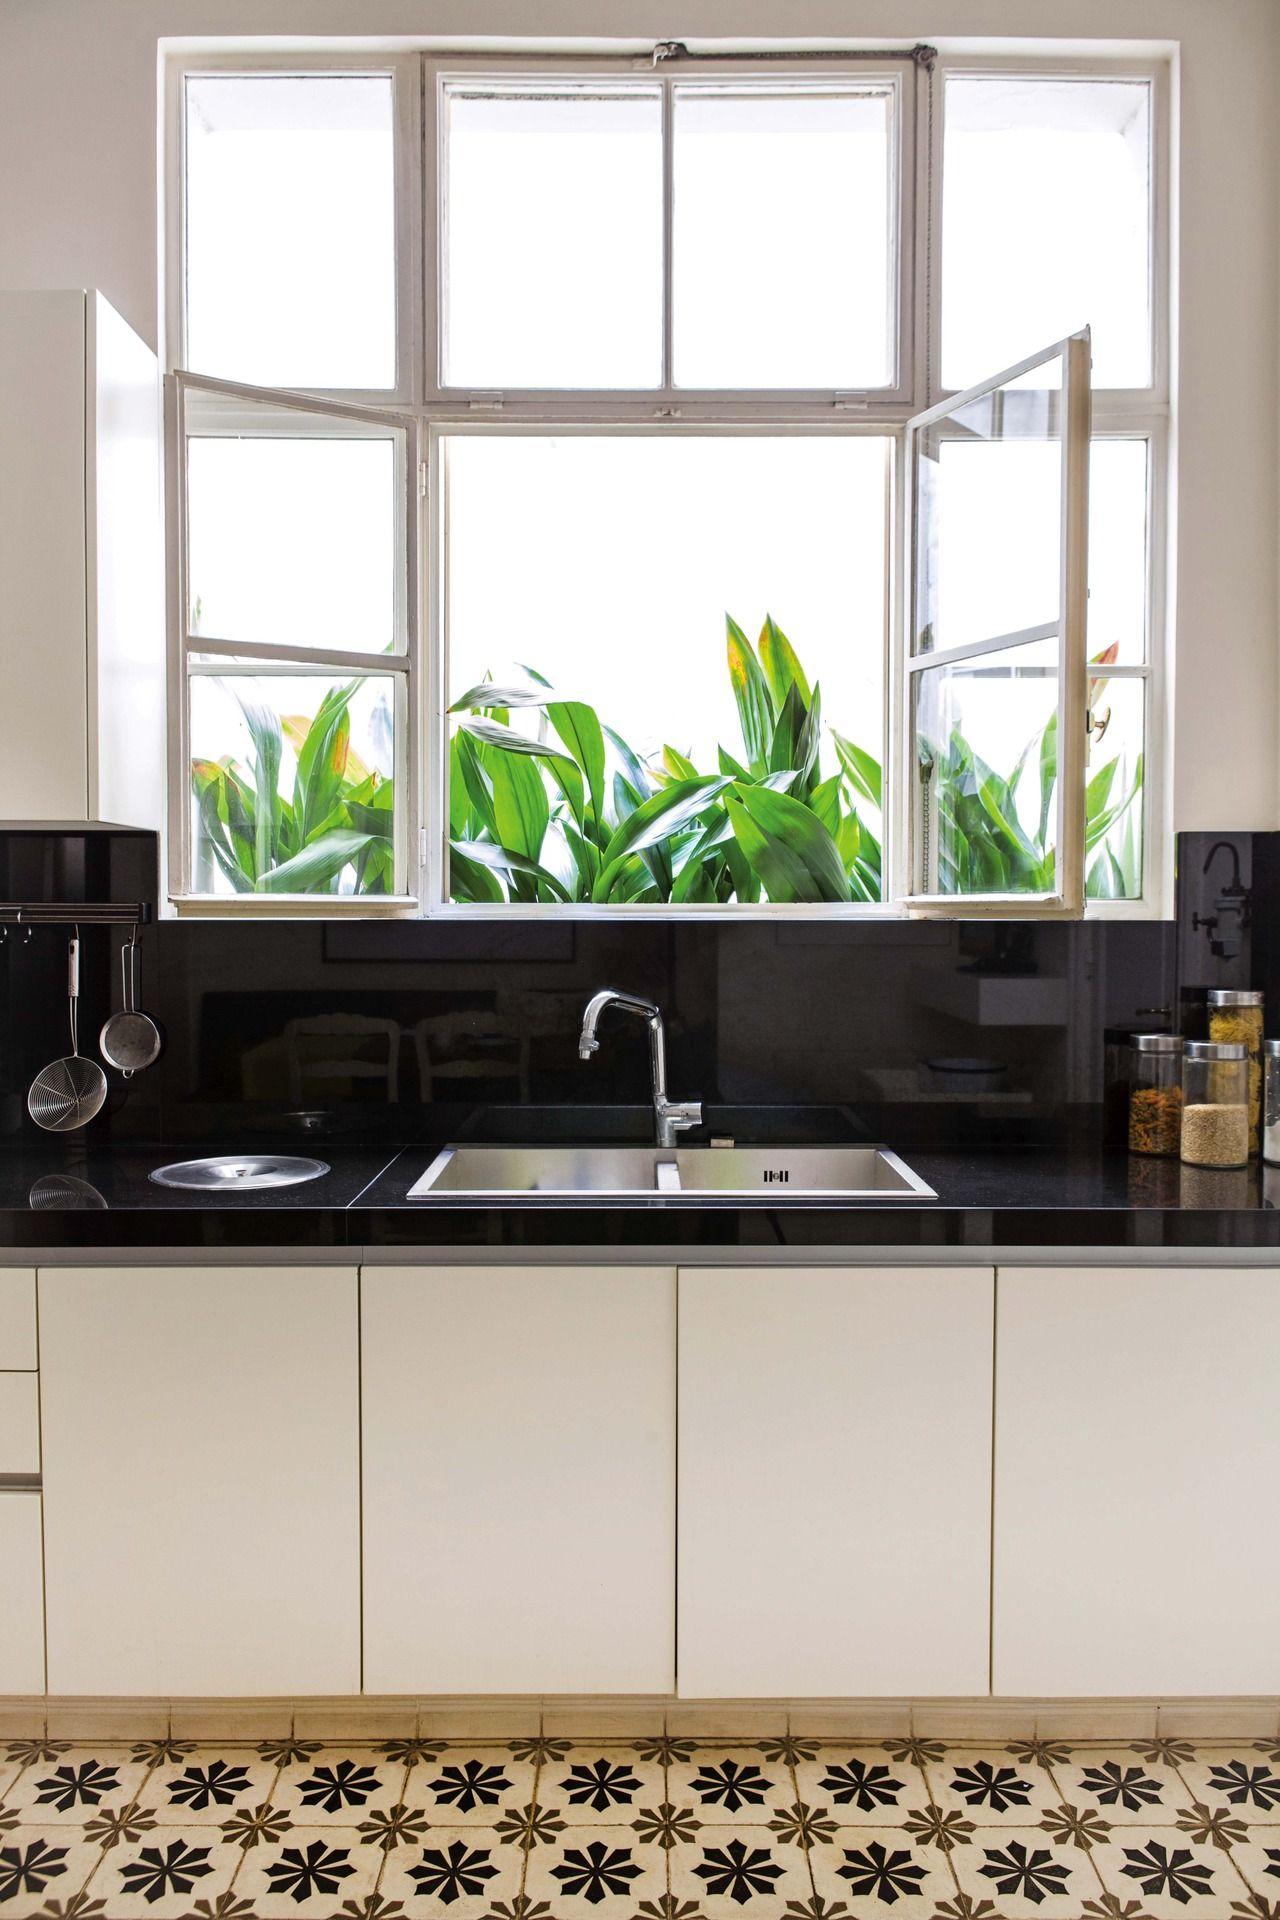 Cocina antigua reciclada con pisos calcáreos y detalles vintage en tonos crema y marrón mesada de granito negro brasil